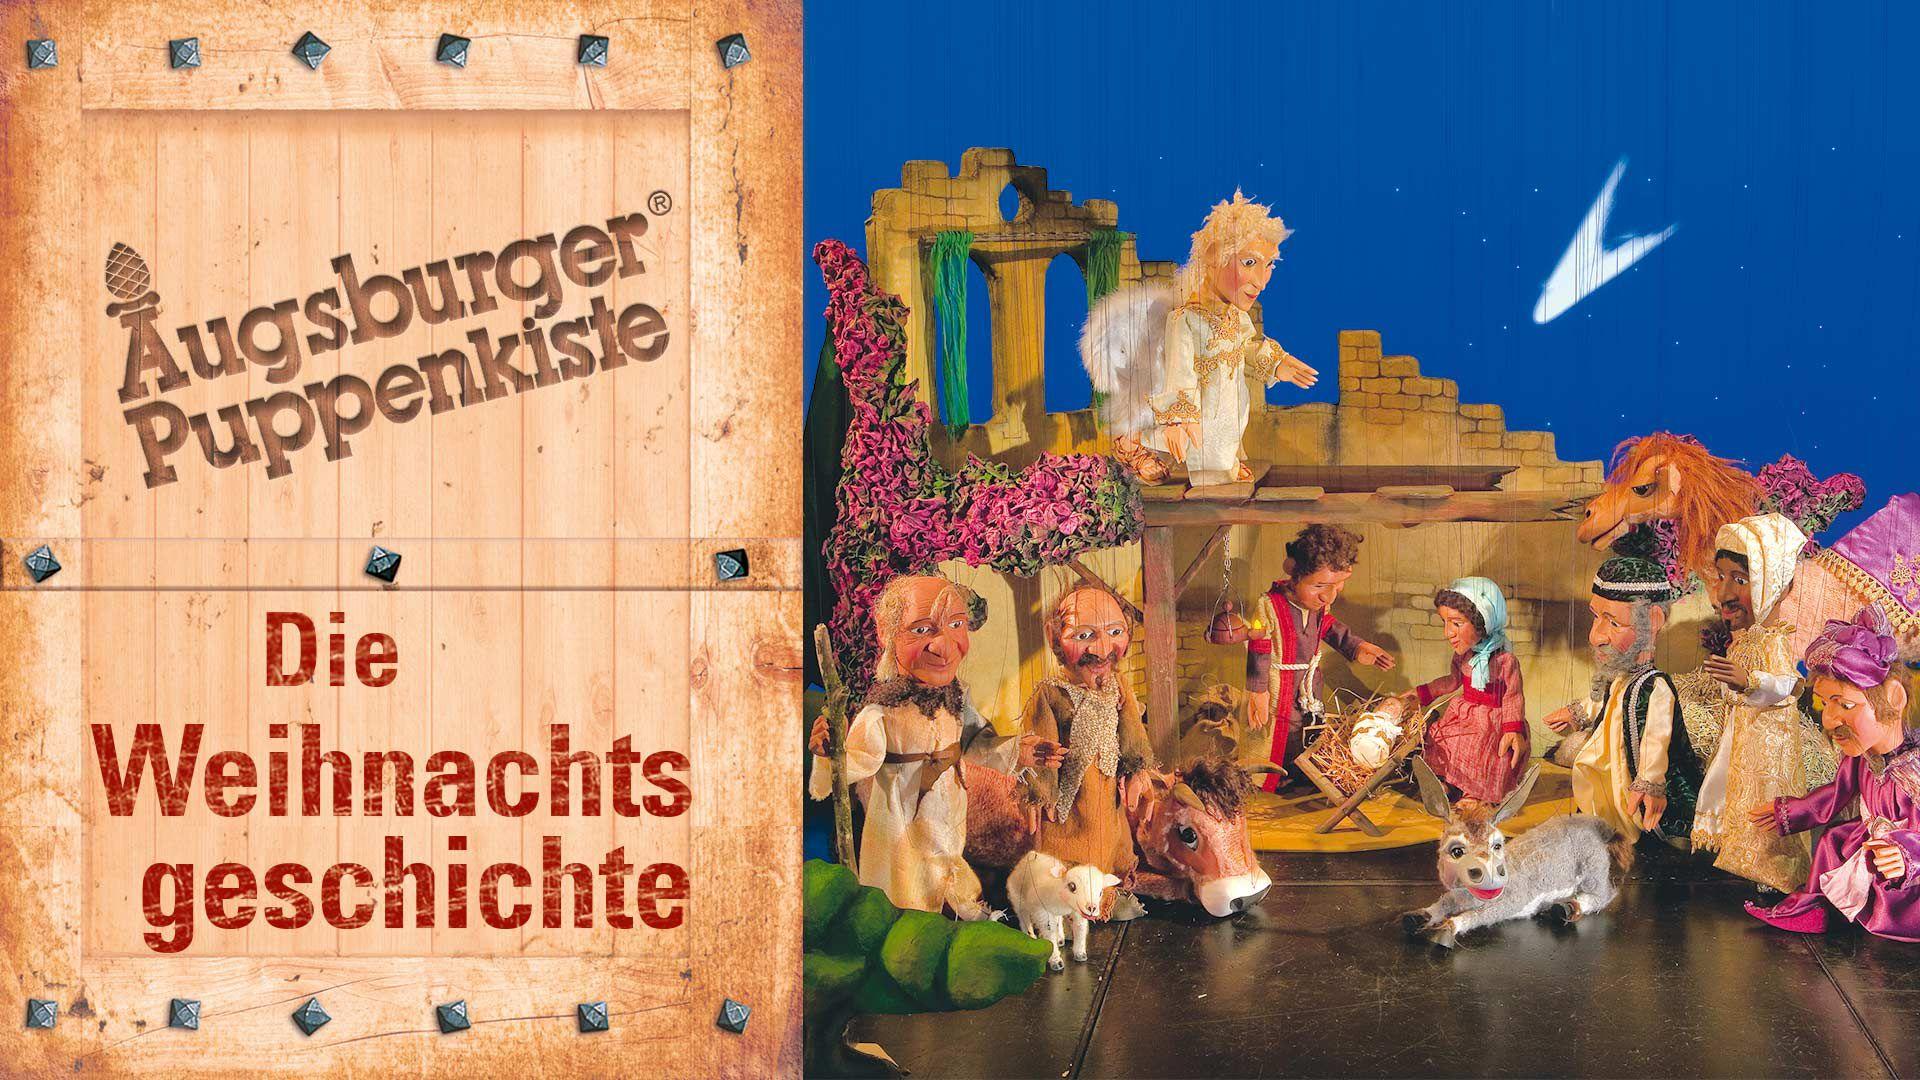 Augsburger Puppenkiste - Die Weihnachtsgeschichte